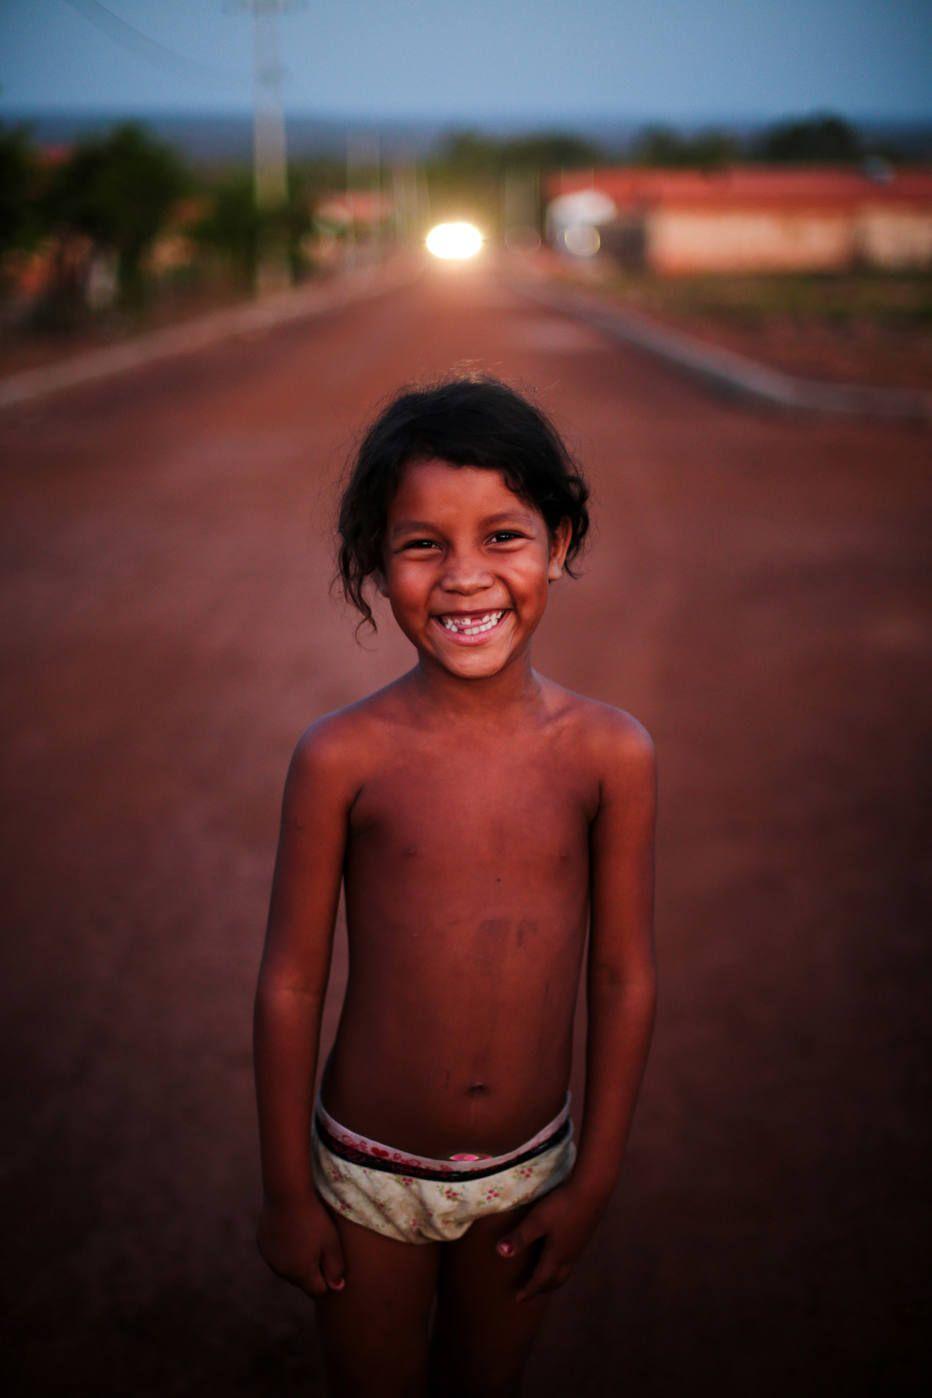 A menina Lidiane de Barros de Souza, de 7 anos, fotografada por Tiago Queiroz em 2014 no Maranhão